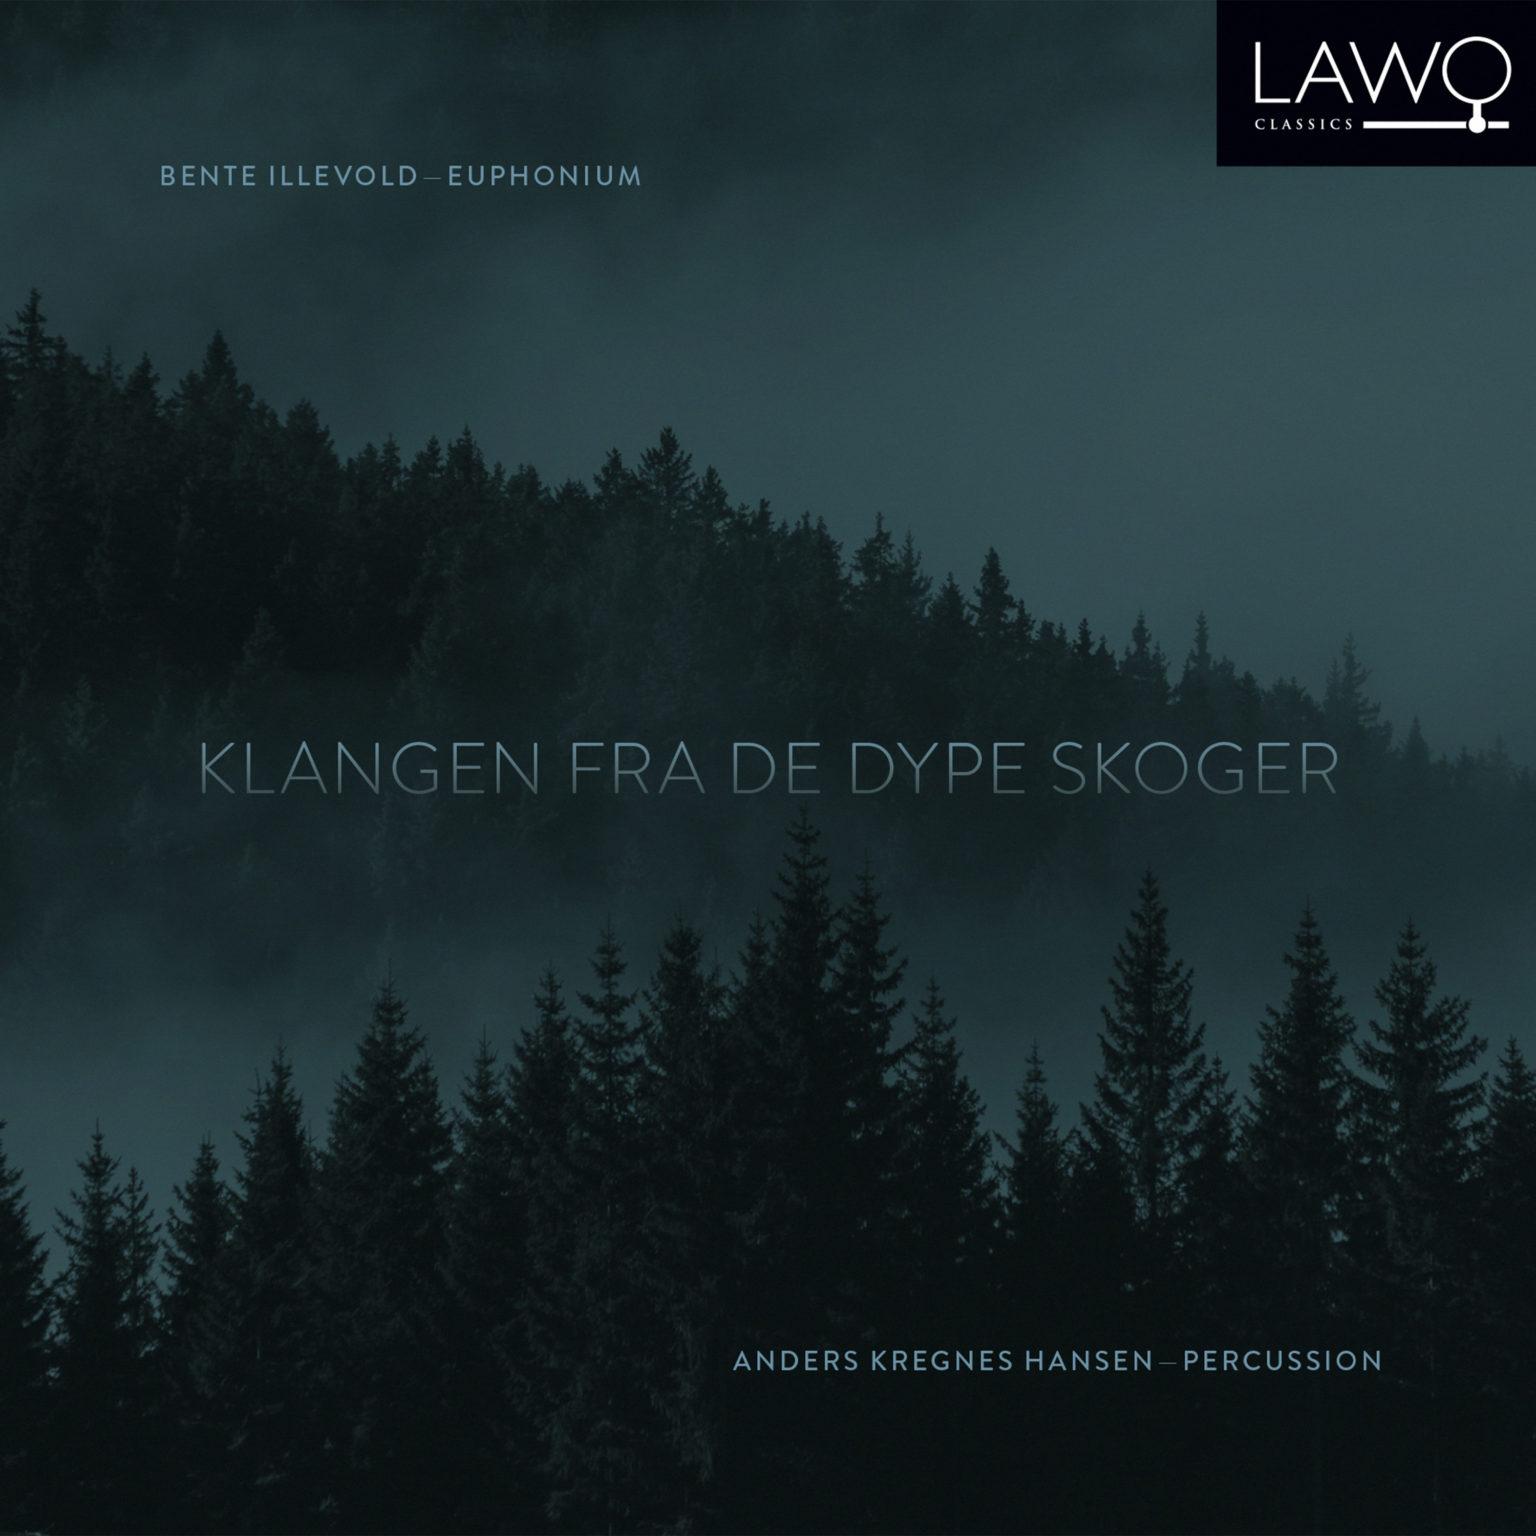 Click image for larger version.  Name:LWC1195_Bente_Illevold_Klangen_fra_de_dype_skoger_cover_3000x3000px-1536x1536.jpg Views:455 Size:174.8 KB ID:7720